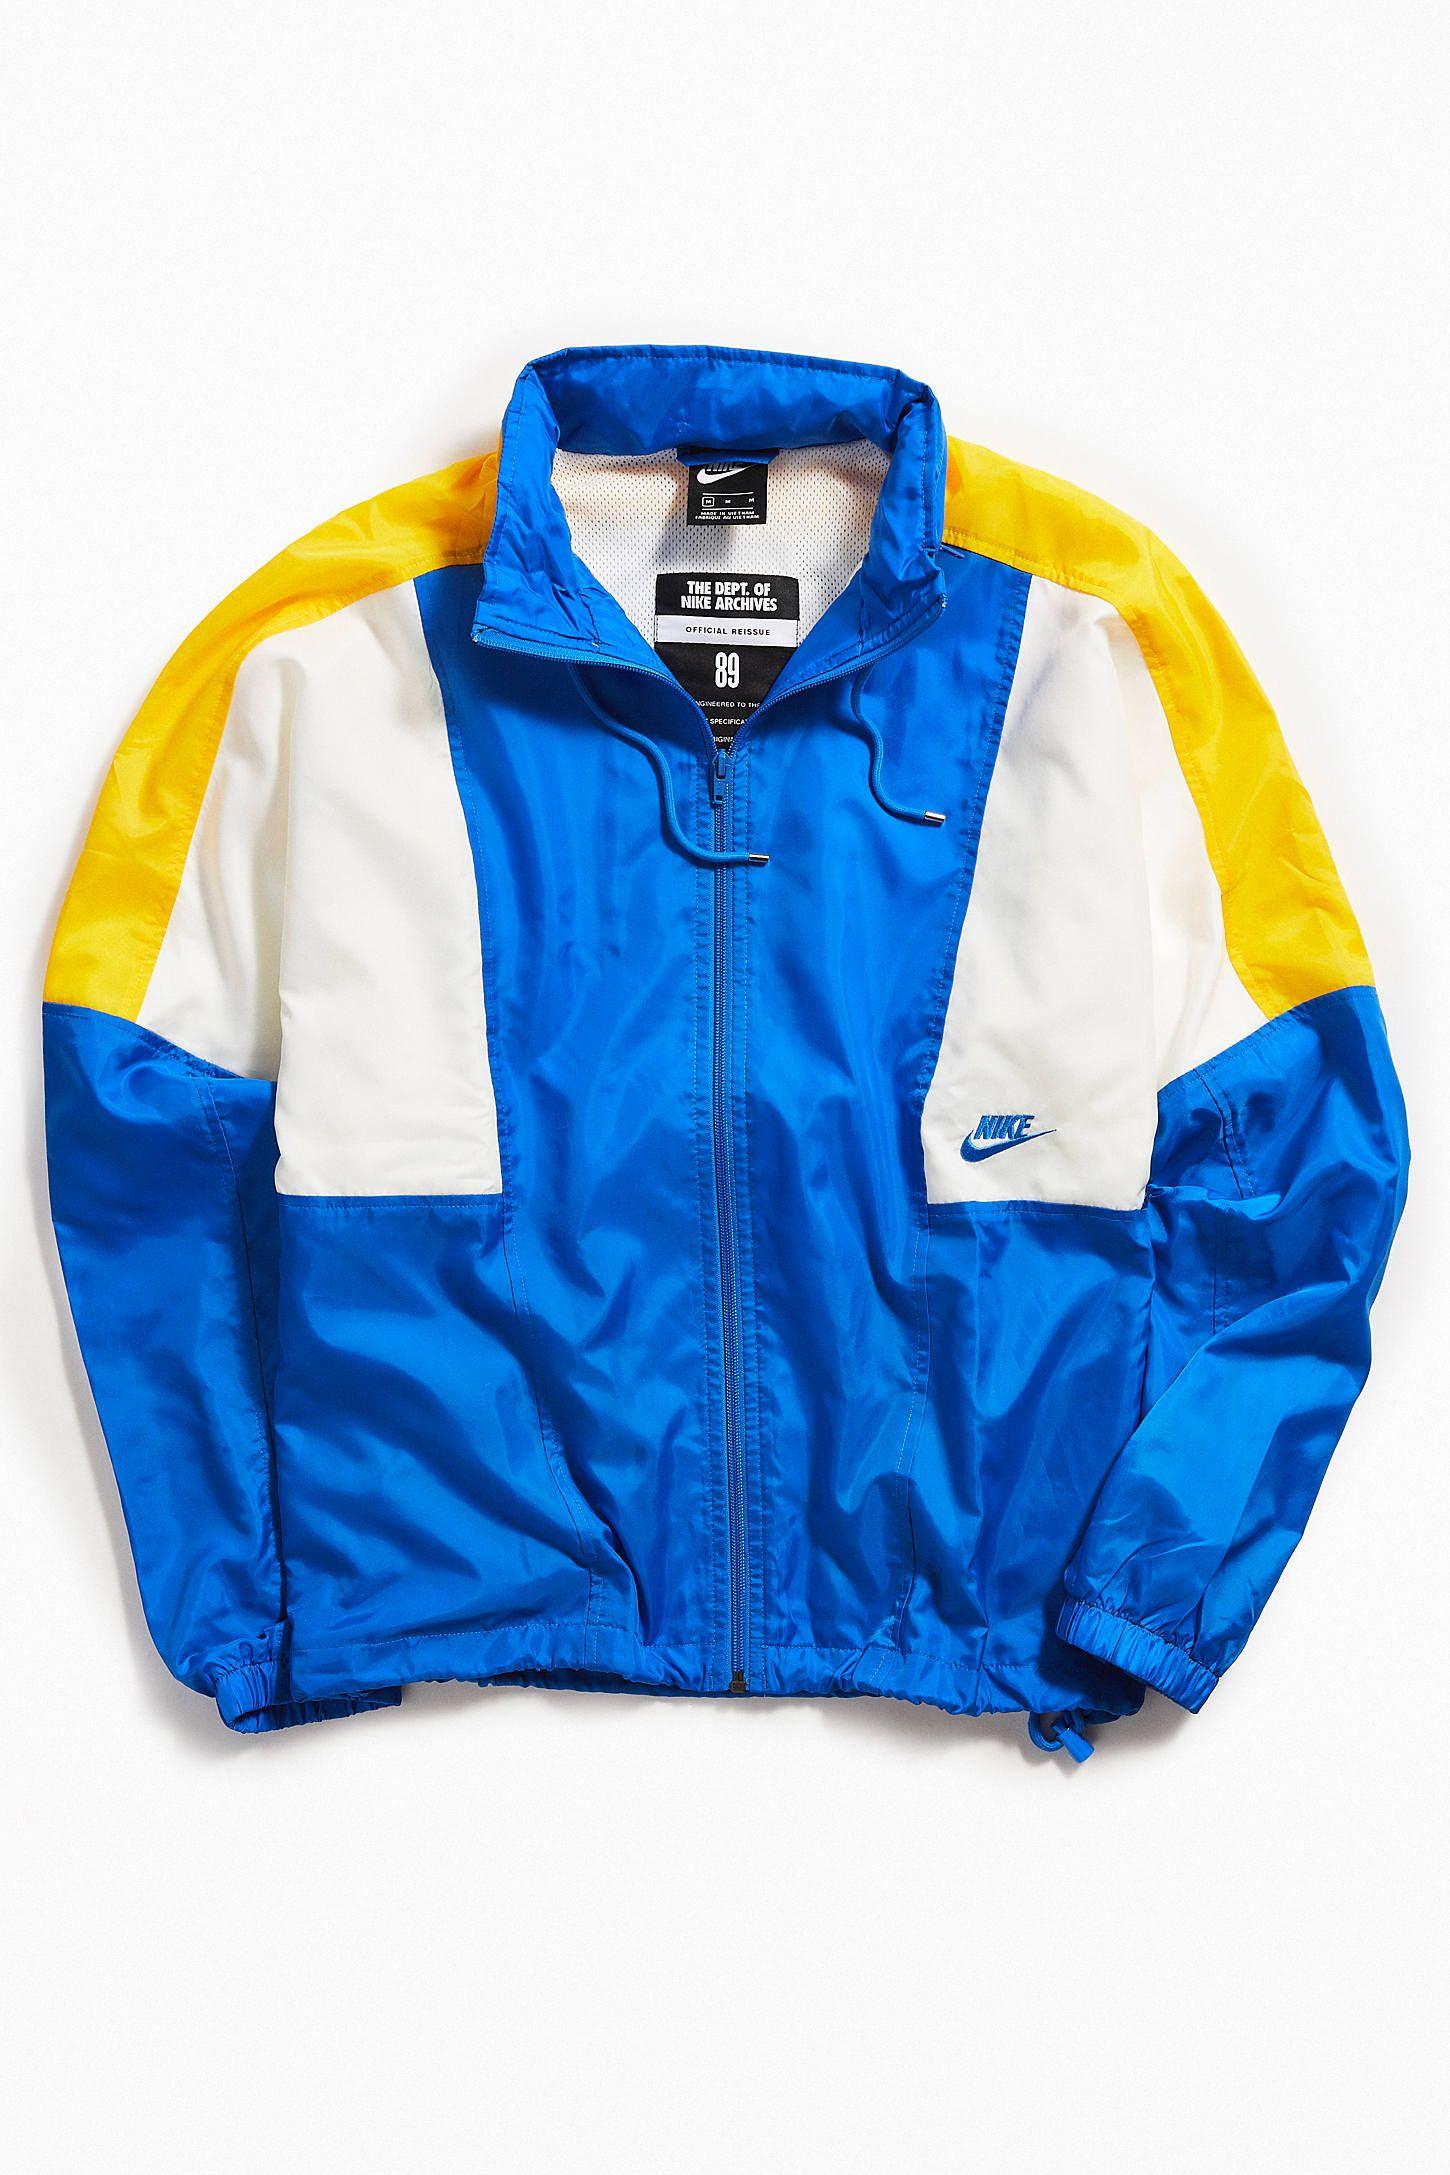 Nike Reissue Windbreaker Jacket  bfc88181d